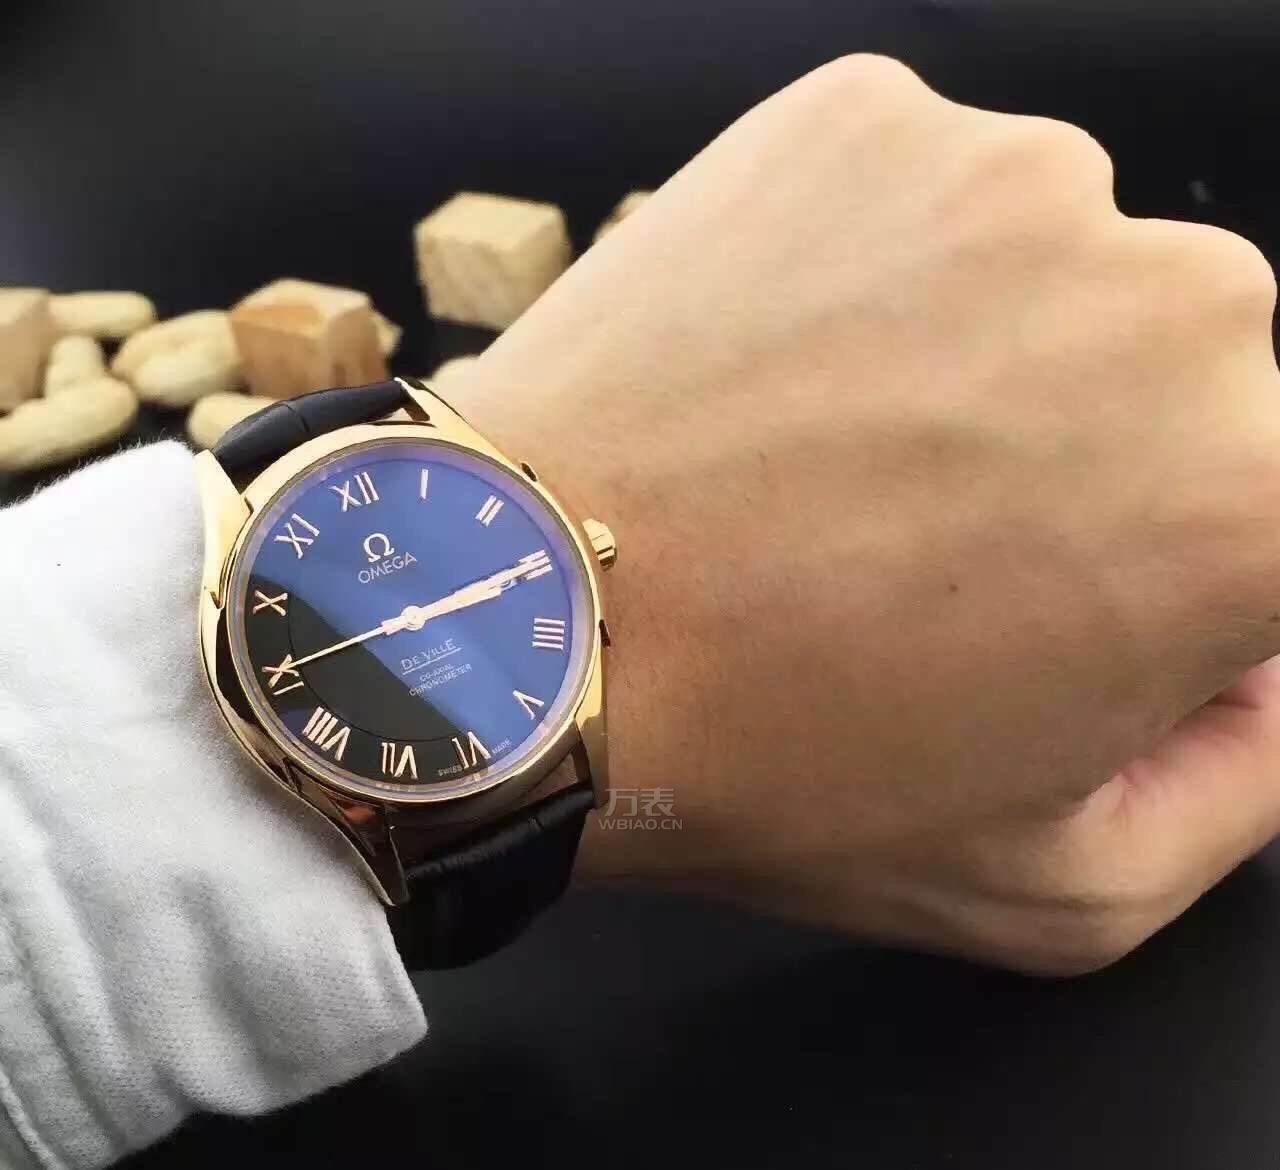 瑞士二手手表售价多少?瑞士二手手表价格贵吗